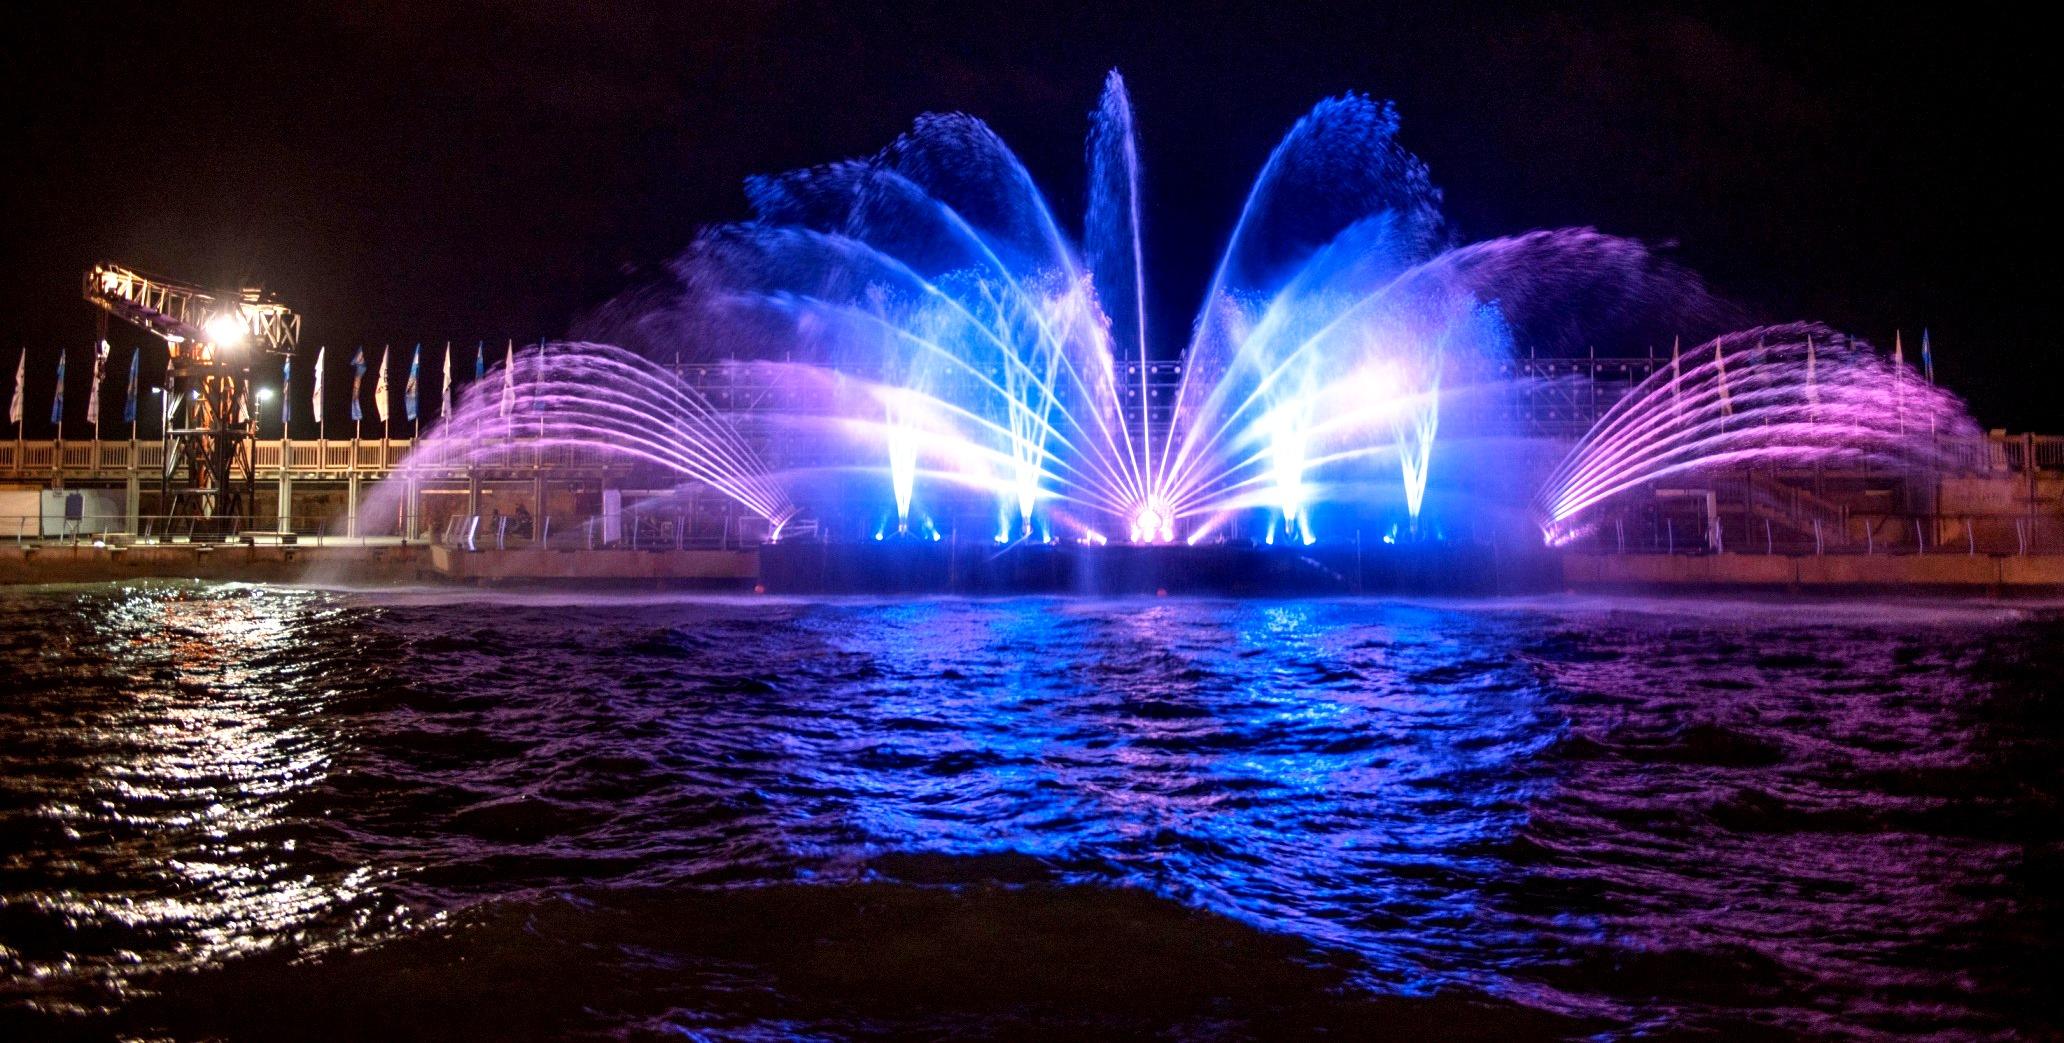 מופע אור, צבע ומים בנמל תל אביב. צילום חיים ברבלט